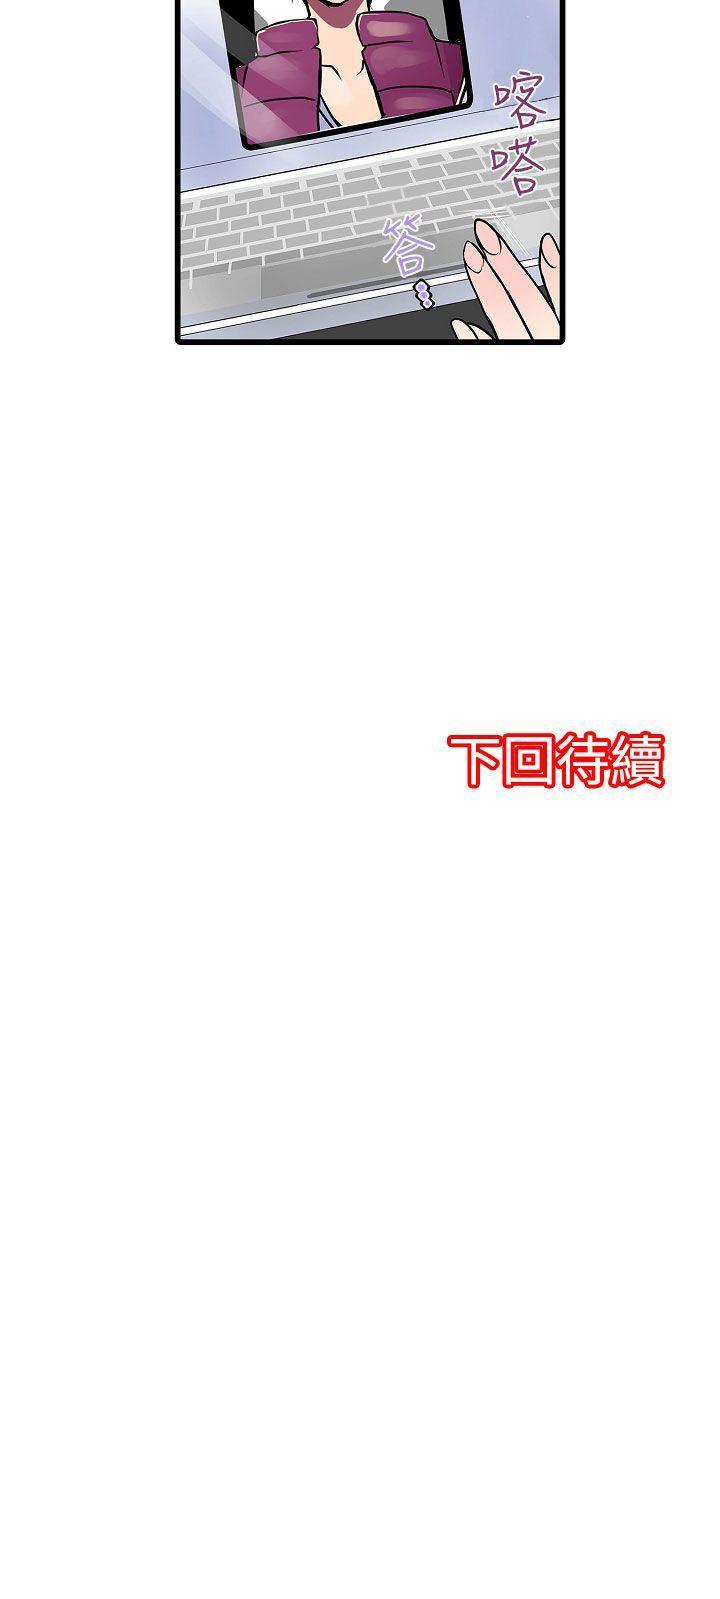 凌辱贩卖机-第14话全彩韩漫标签